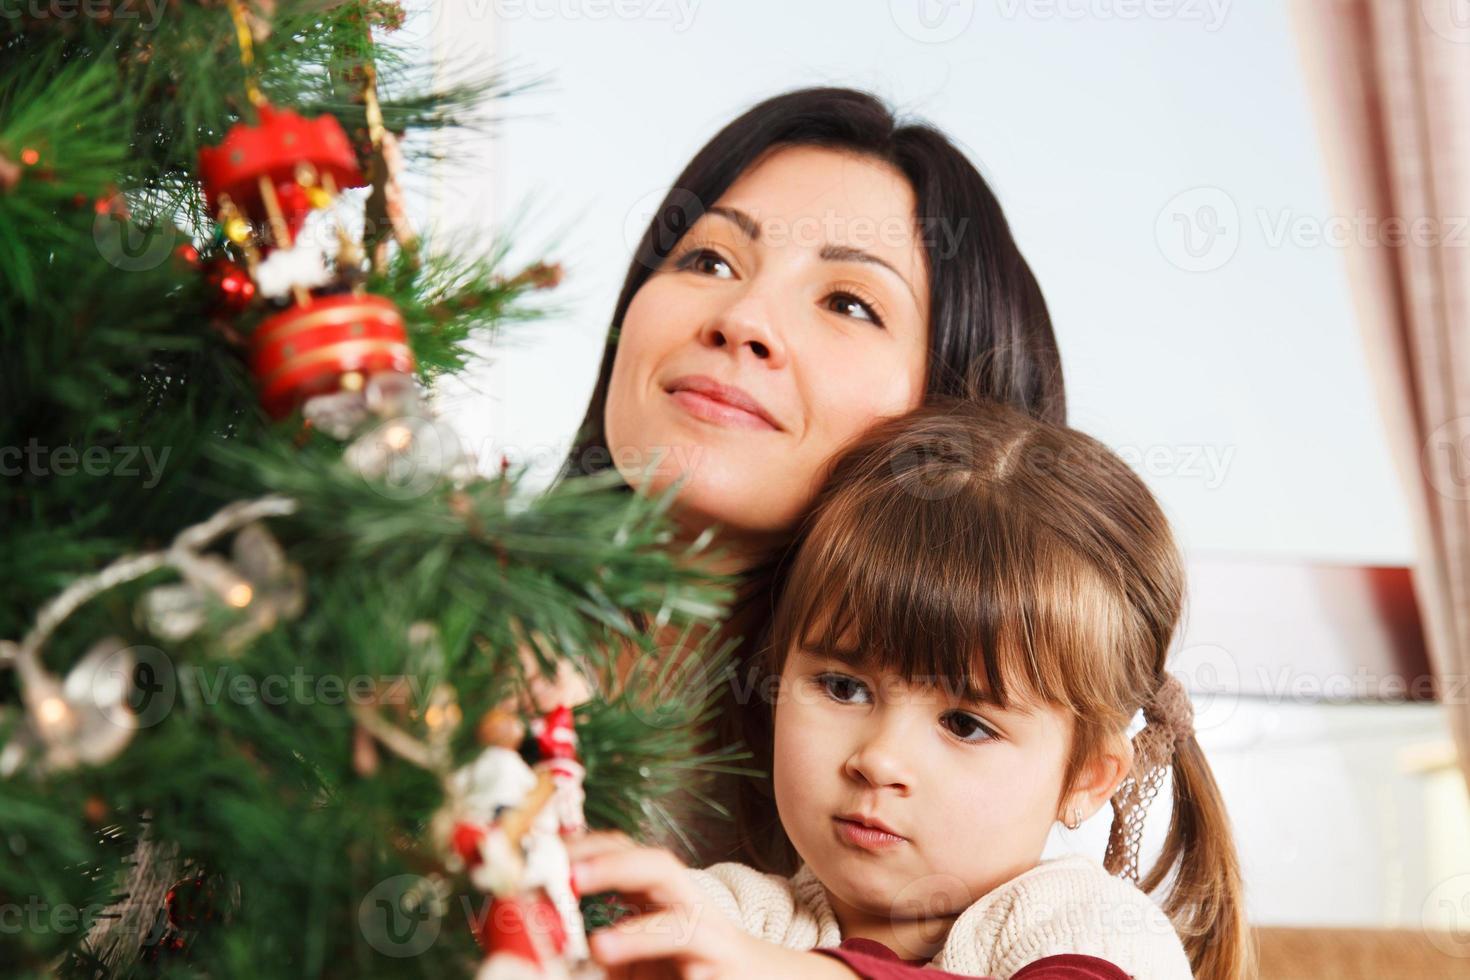 Ich freue mich auf Weihnachten - Archivbild foto